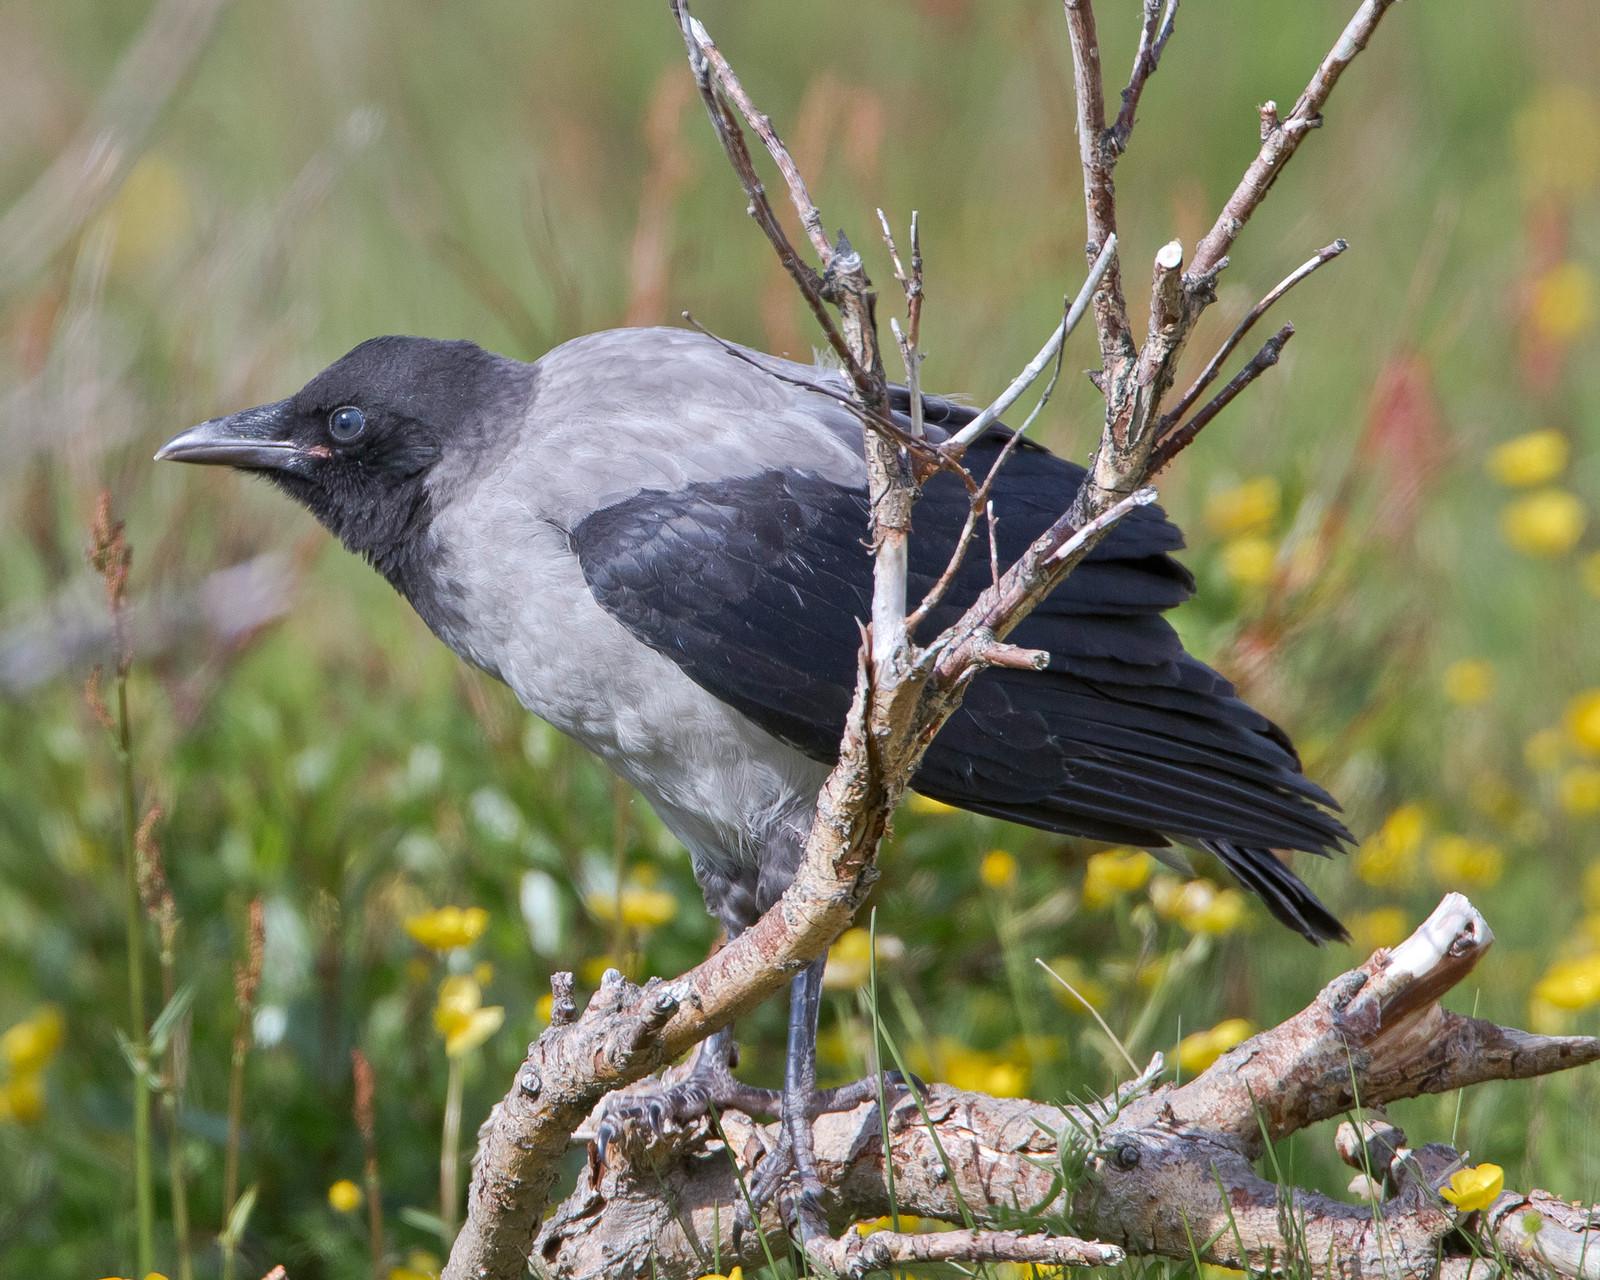 Eine juvenile Nebelkrähe möchte wohl noch etwas gefüttert werden